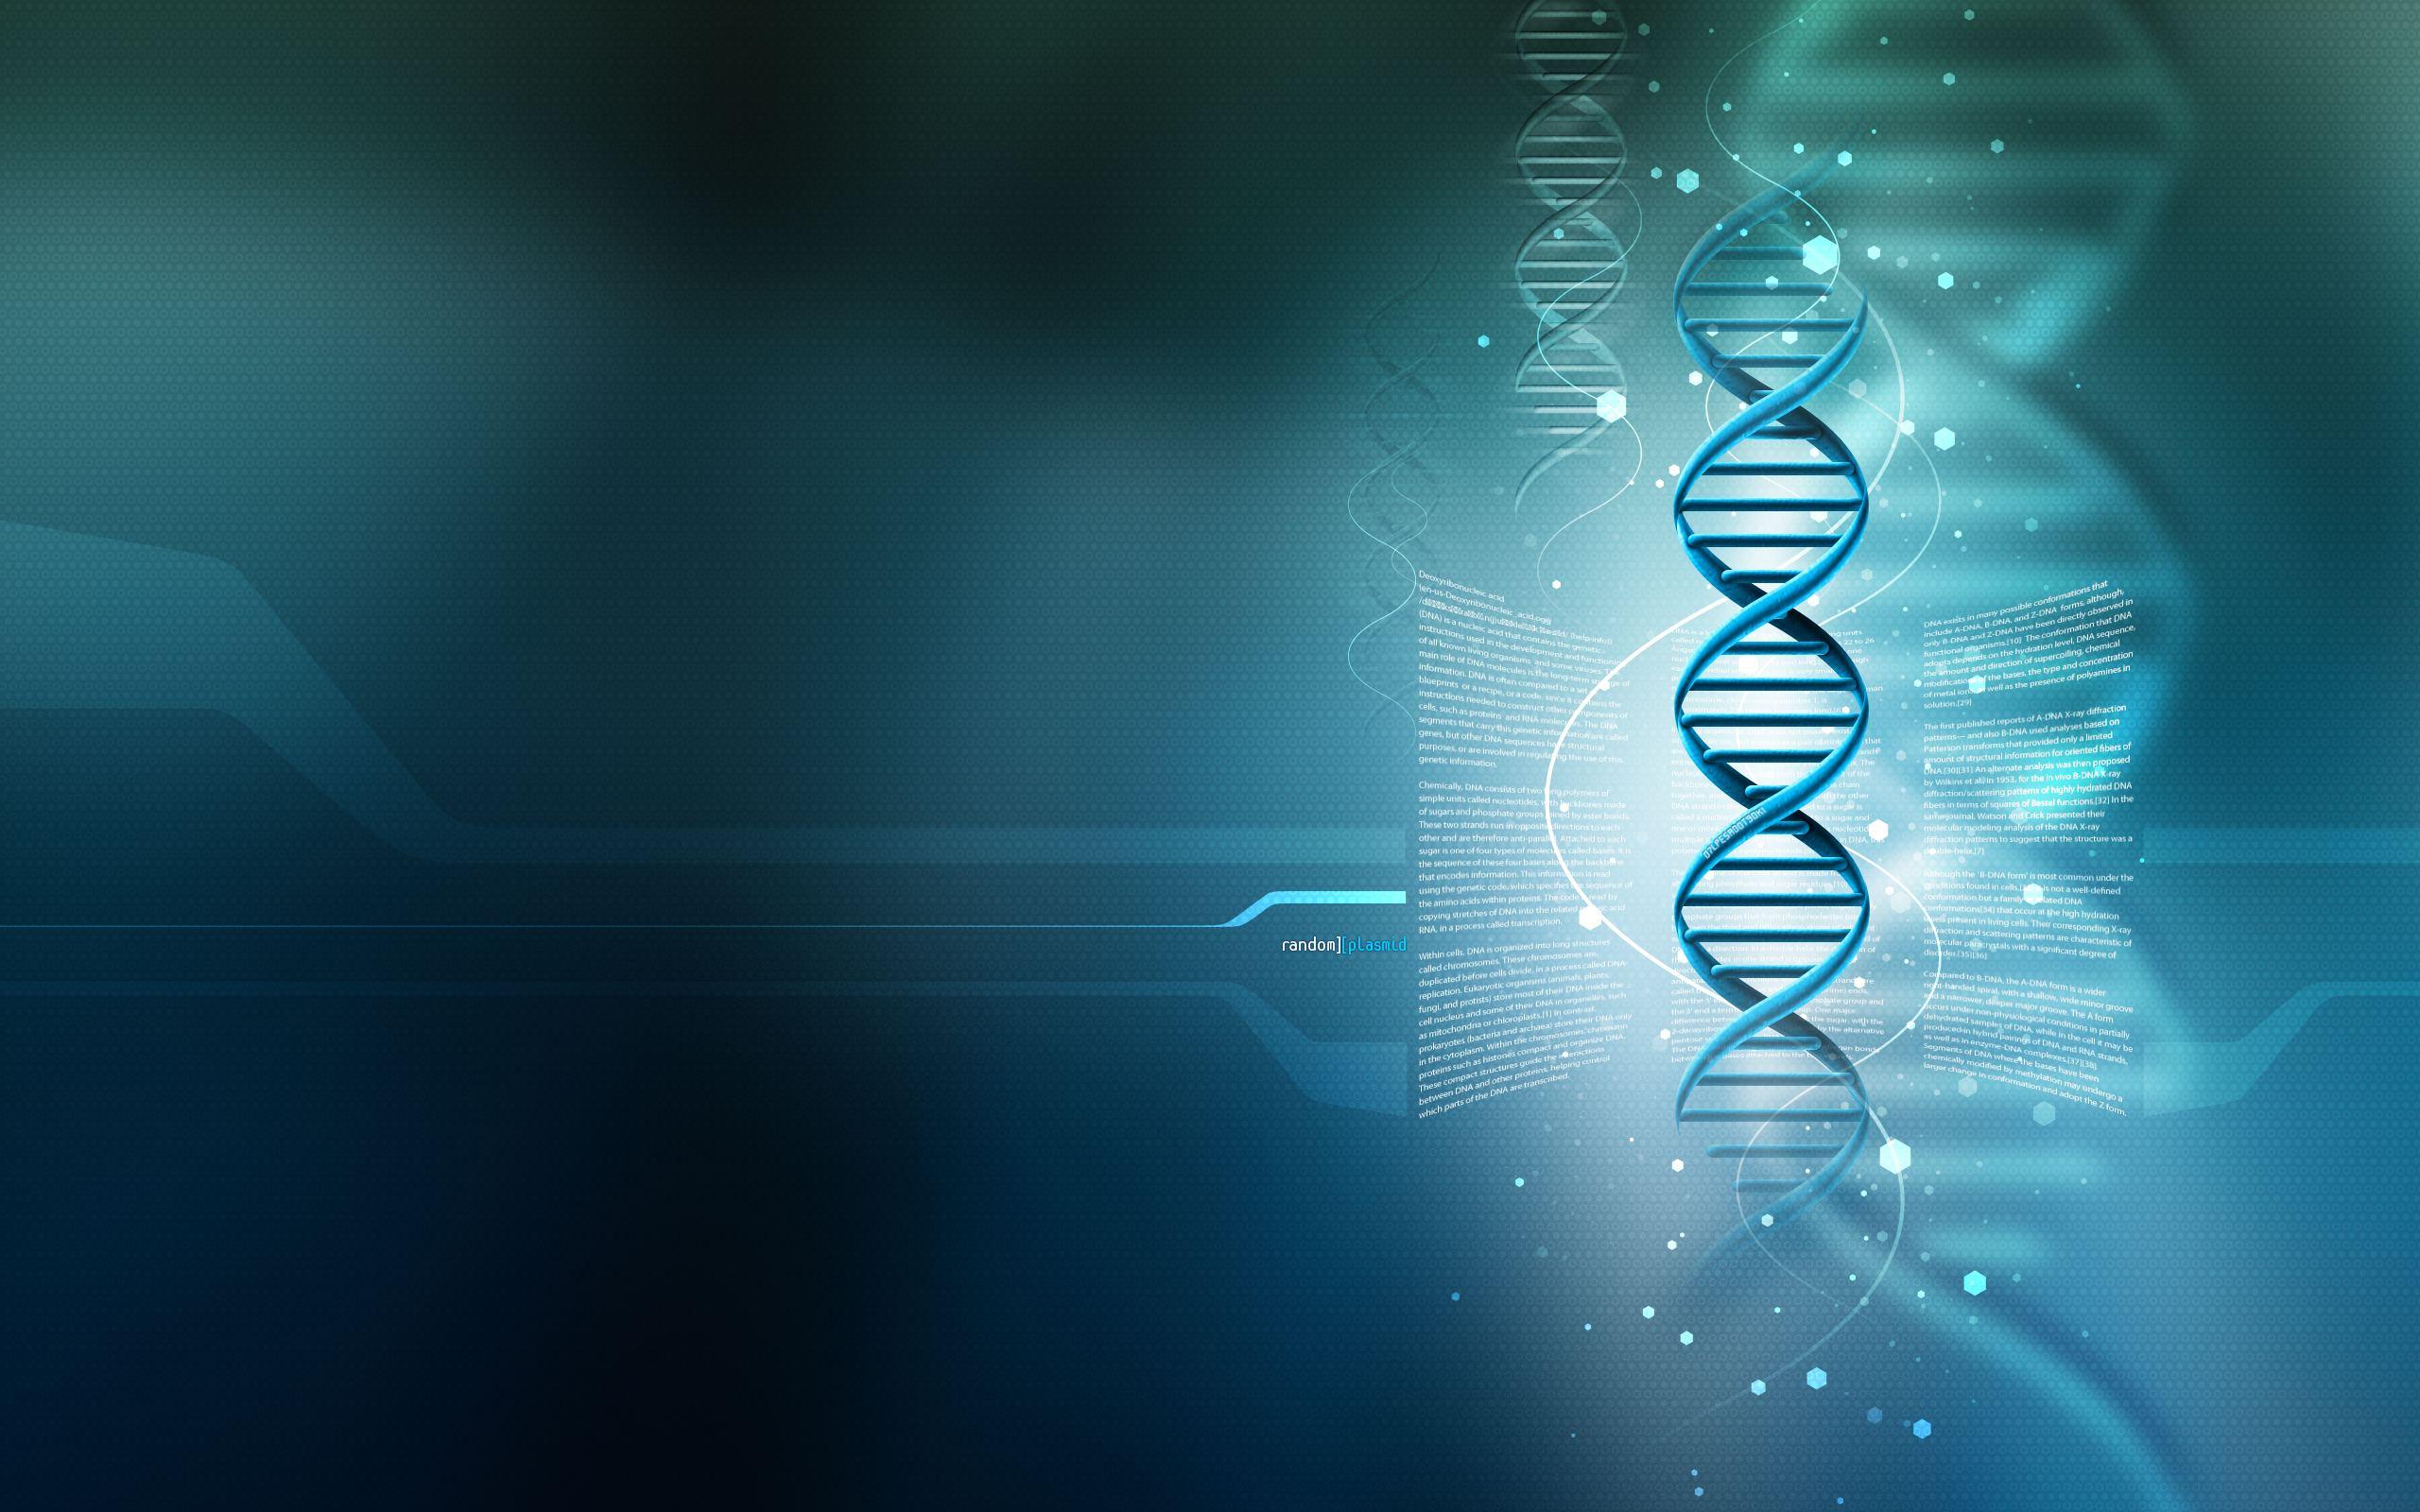 Американскому стартапу удалось вместить полный текст англоязычной Википедии в молекулы ДНК